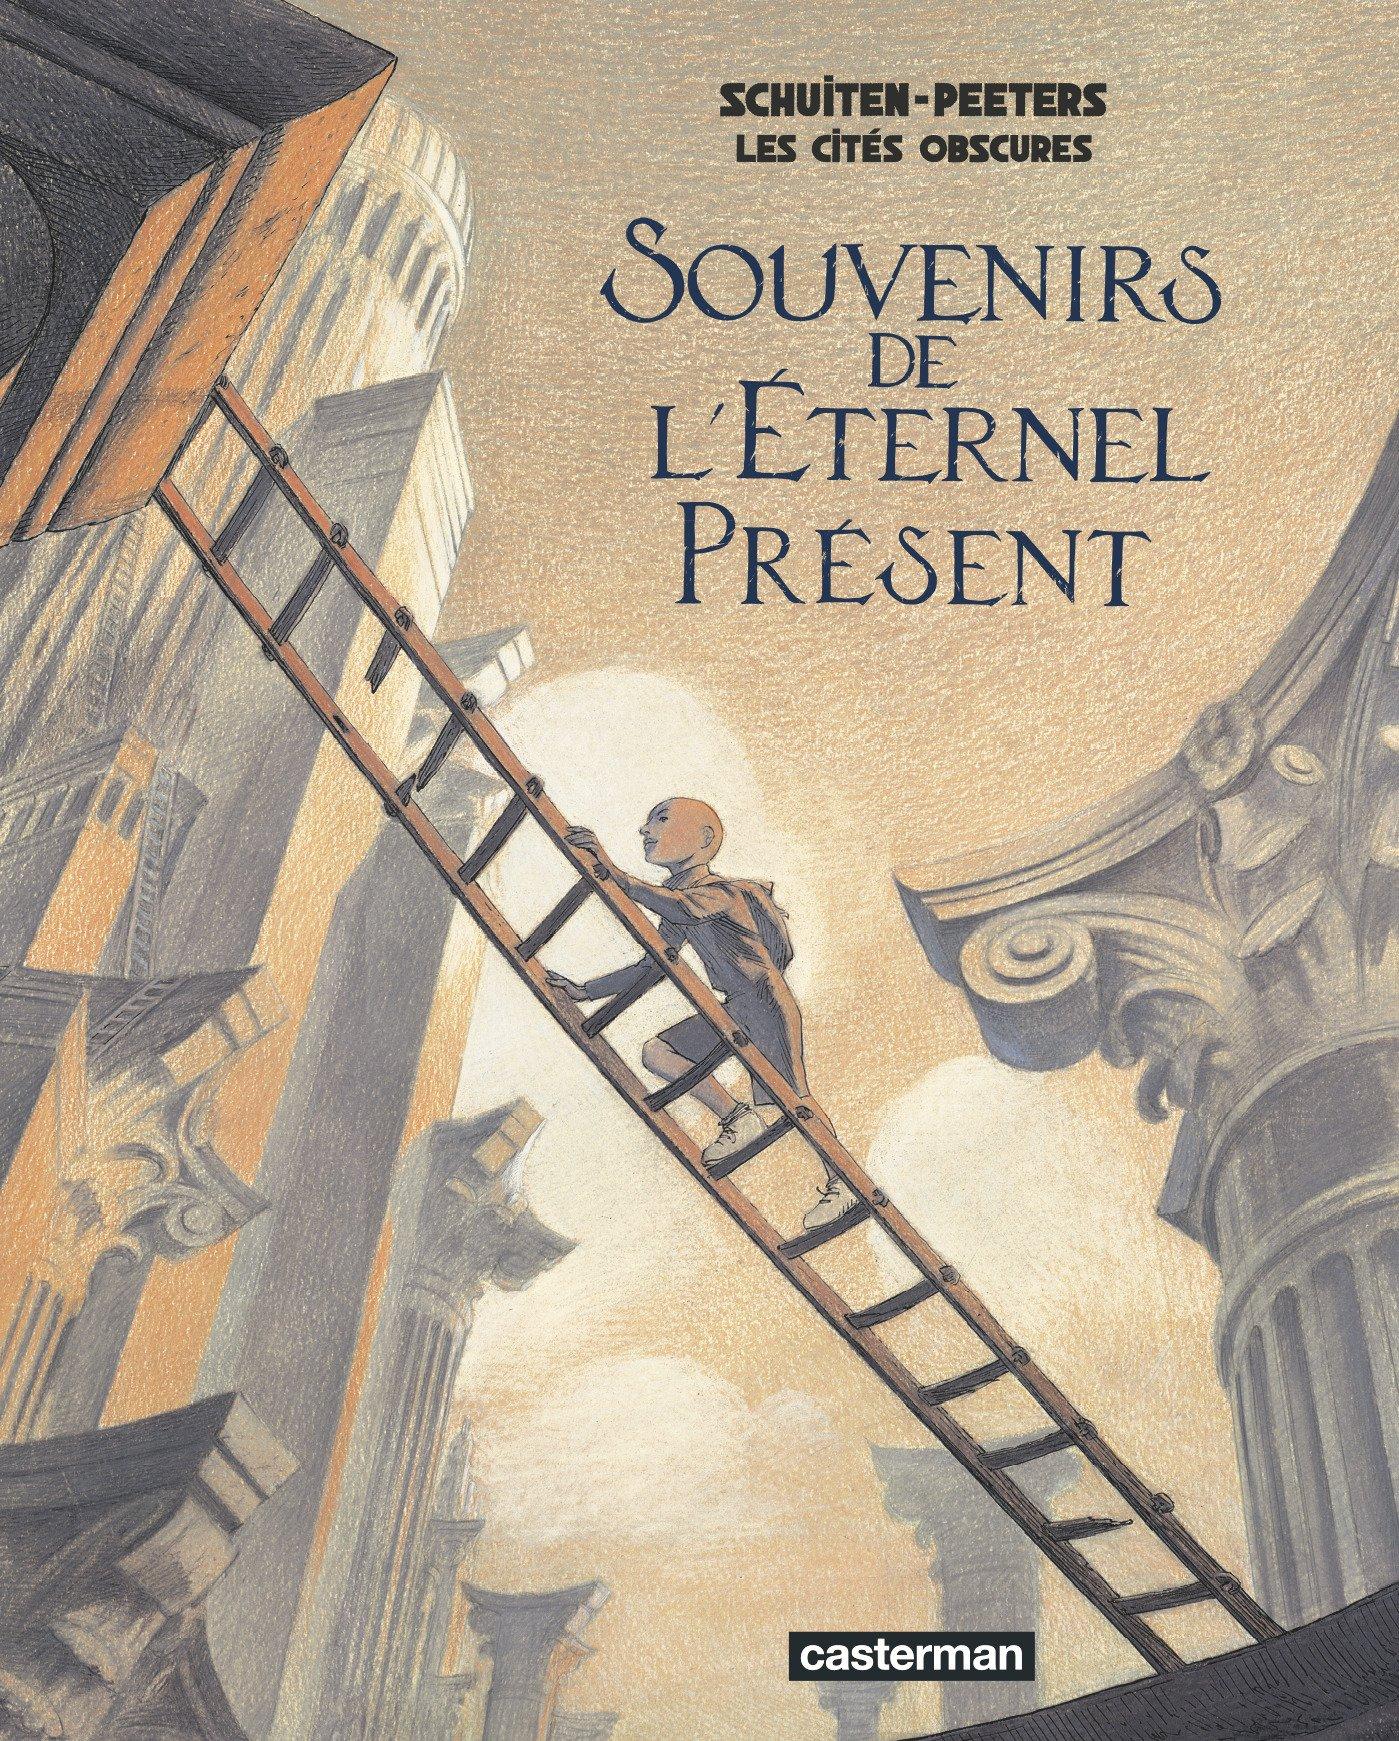 Les cités obscures : Souvenirs de l'Eternel présent Album – 28 octobre 2009 Collectif Casterman 2203024852 TL2203024852